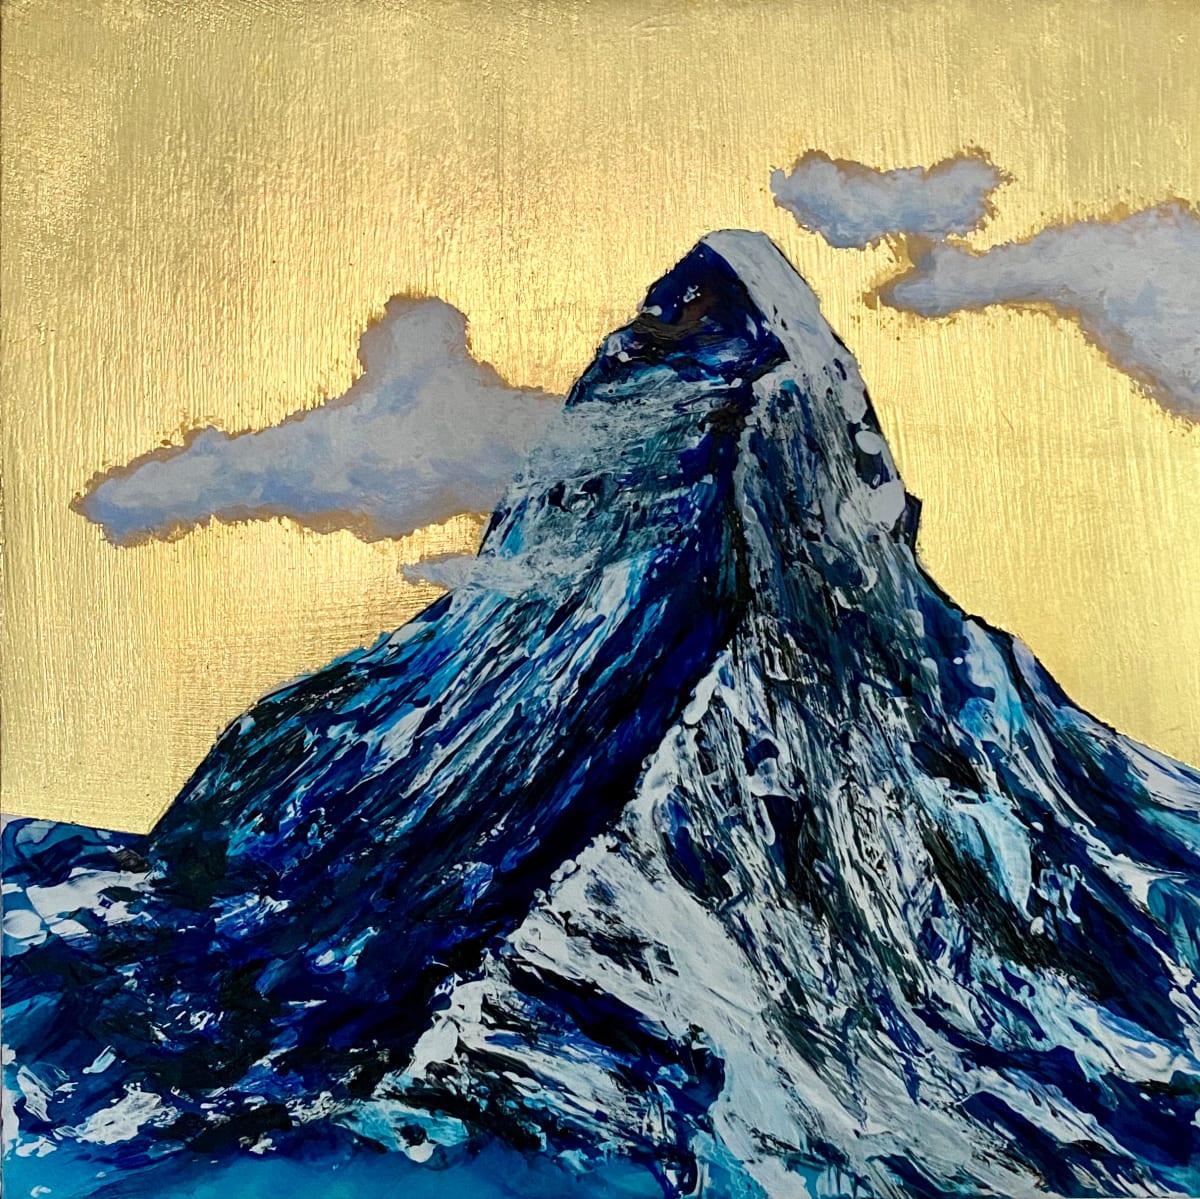 Golden Times: The Matterhorn by Viktoria A Koestler